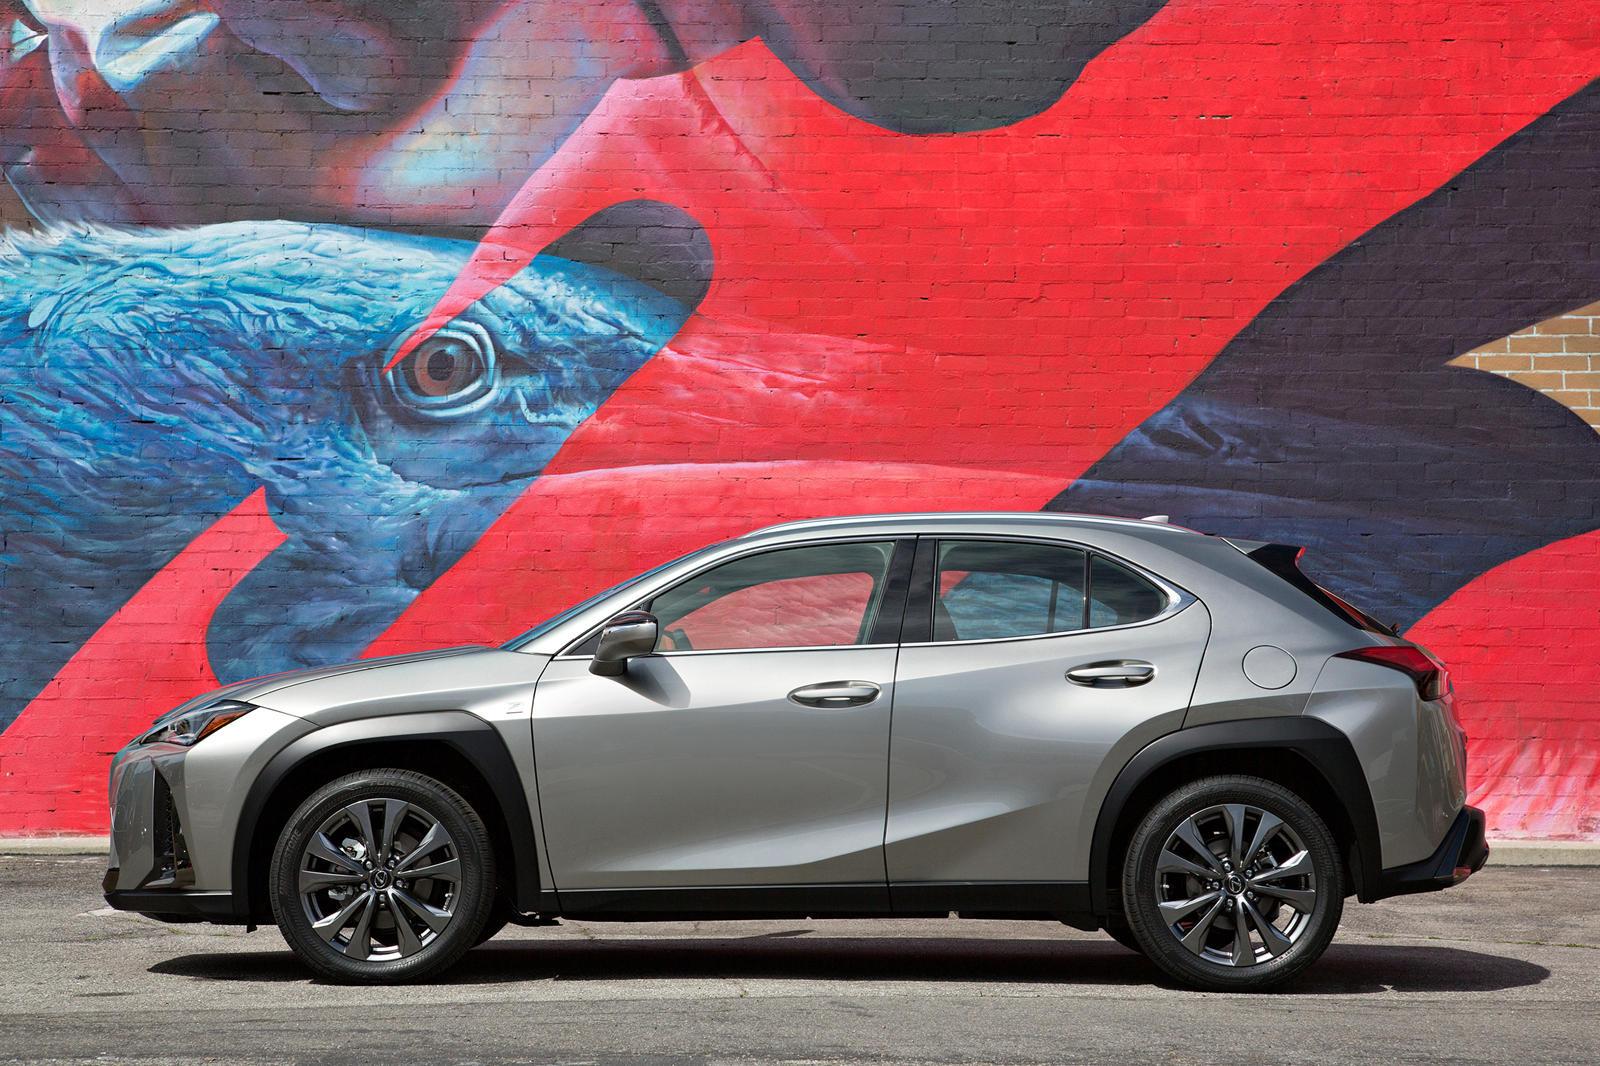 Lexus đang chuyển hướng sản phẩm sang các mẫu xe nhỏ hơn